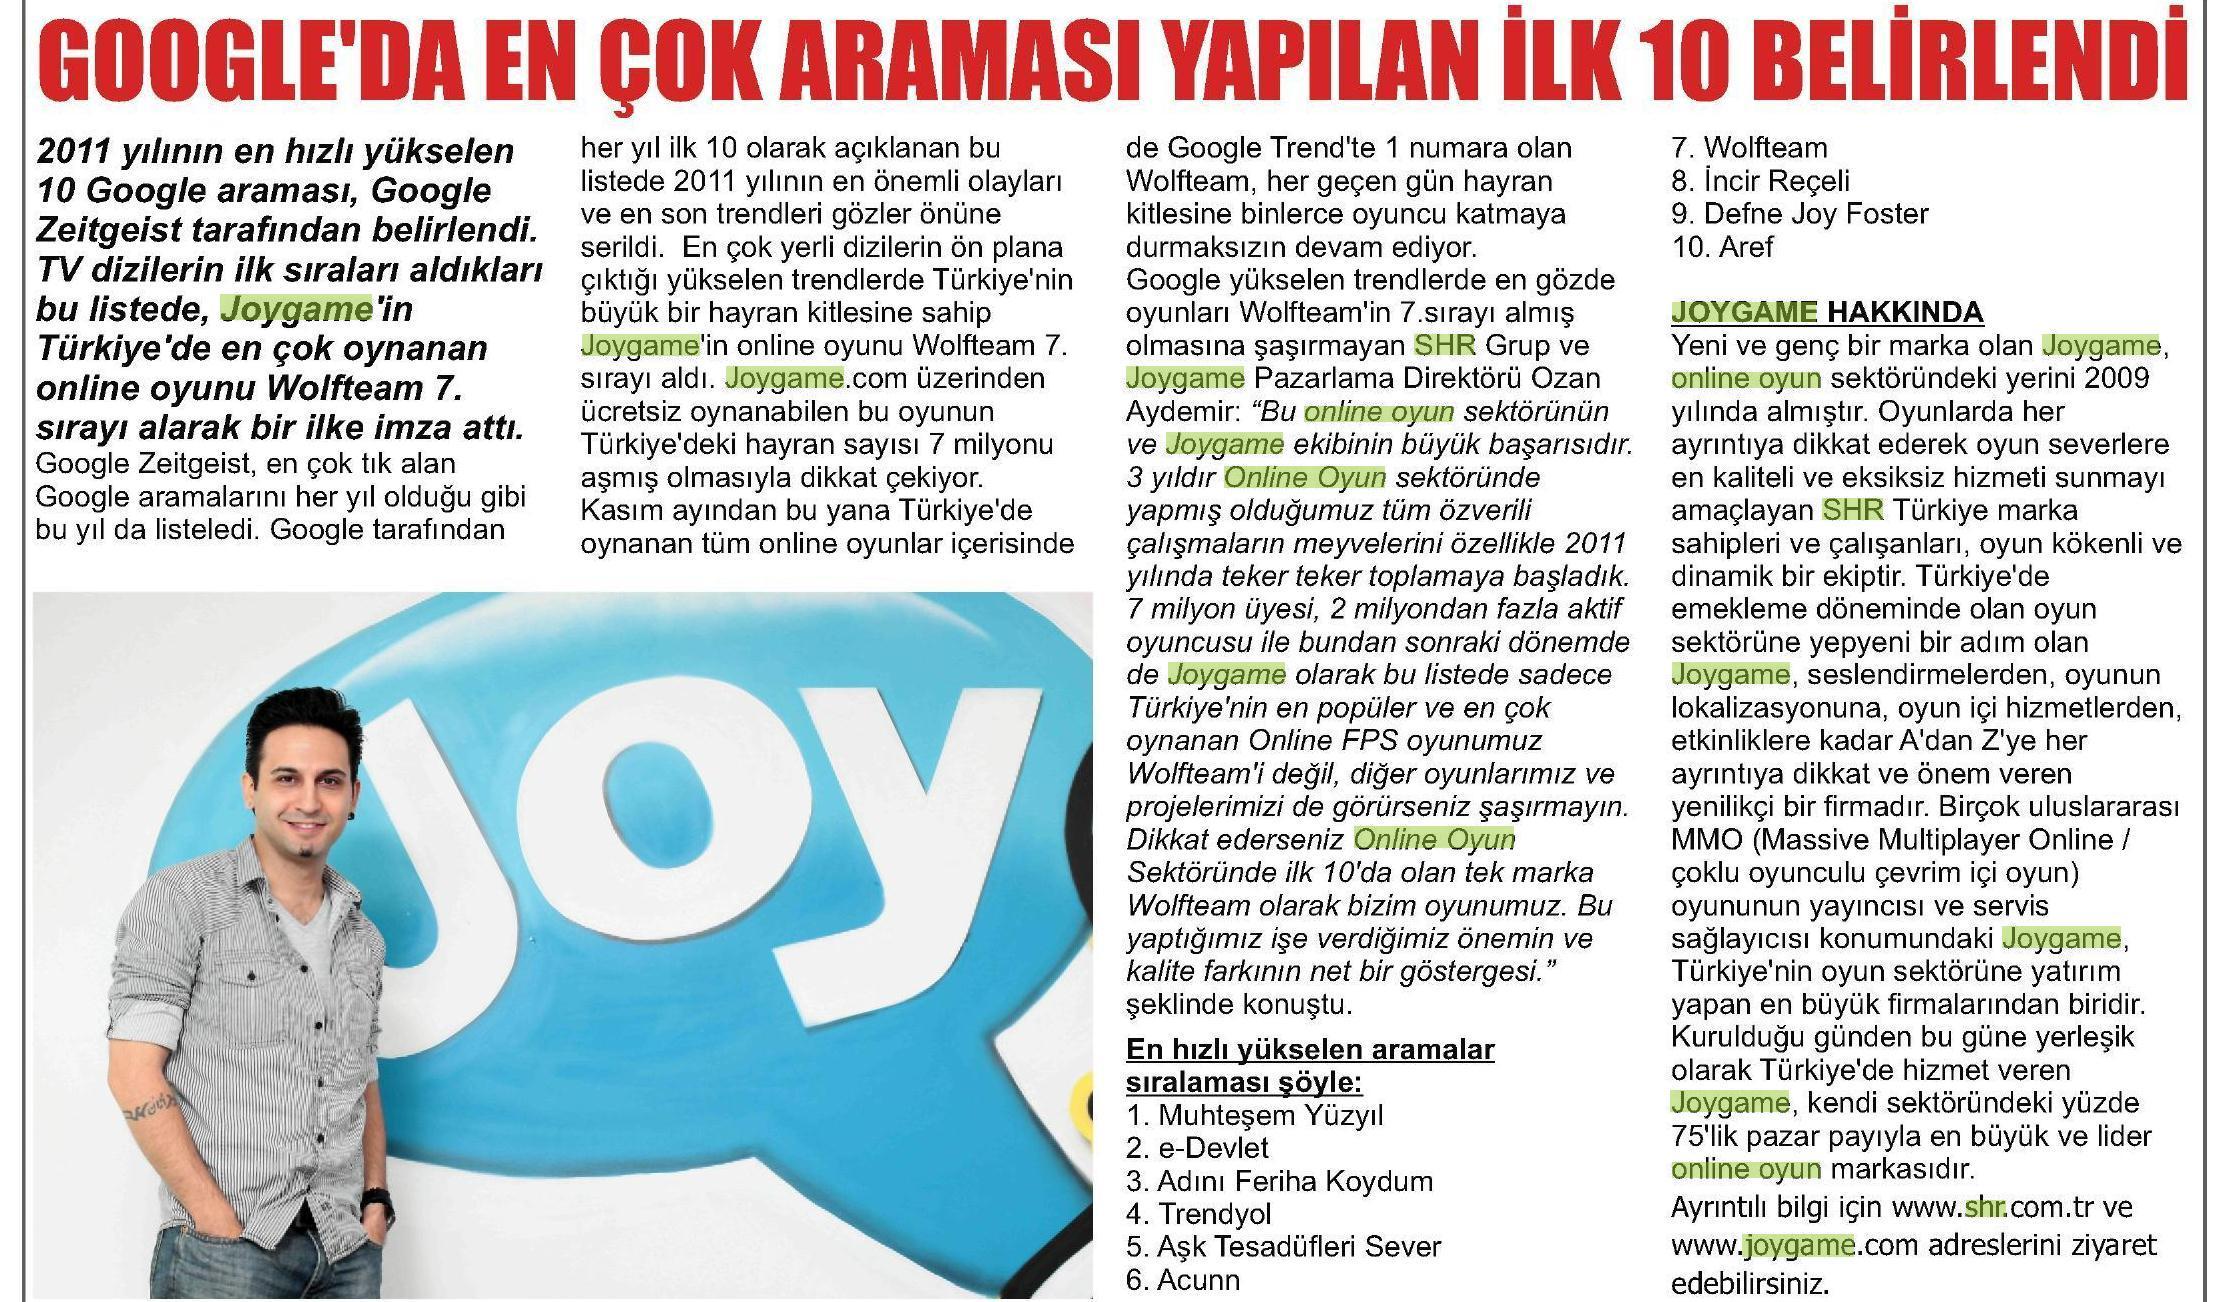 Netmarble-Turkey-Basin-Yansimasi-Vaziyet-Gazetesi-24-Aralik-2011